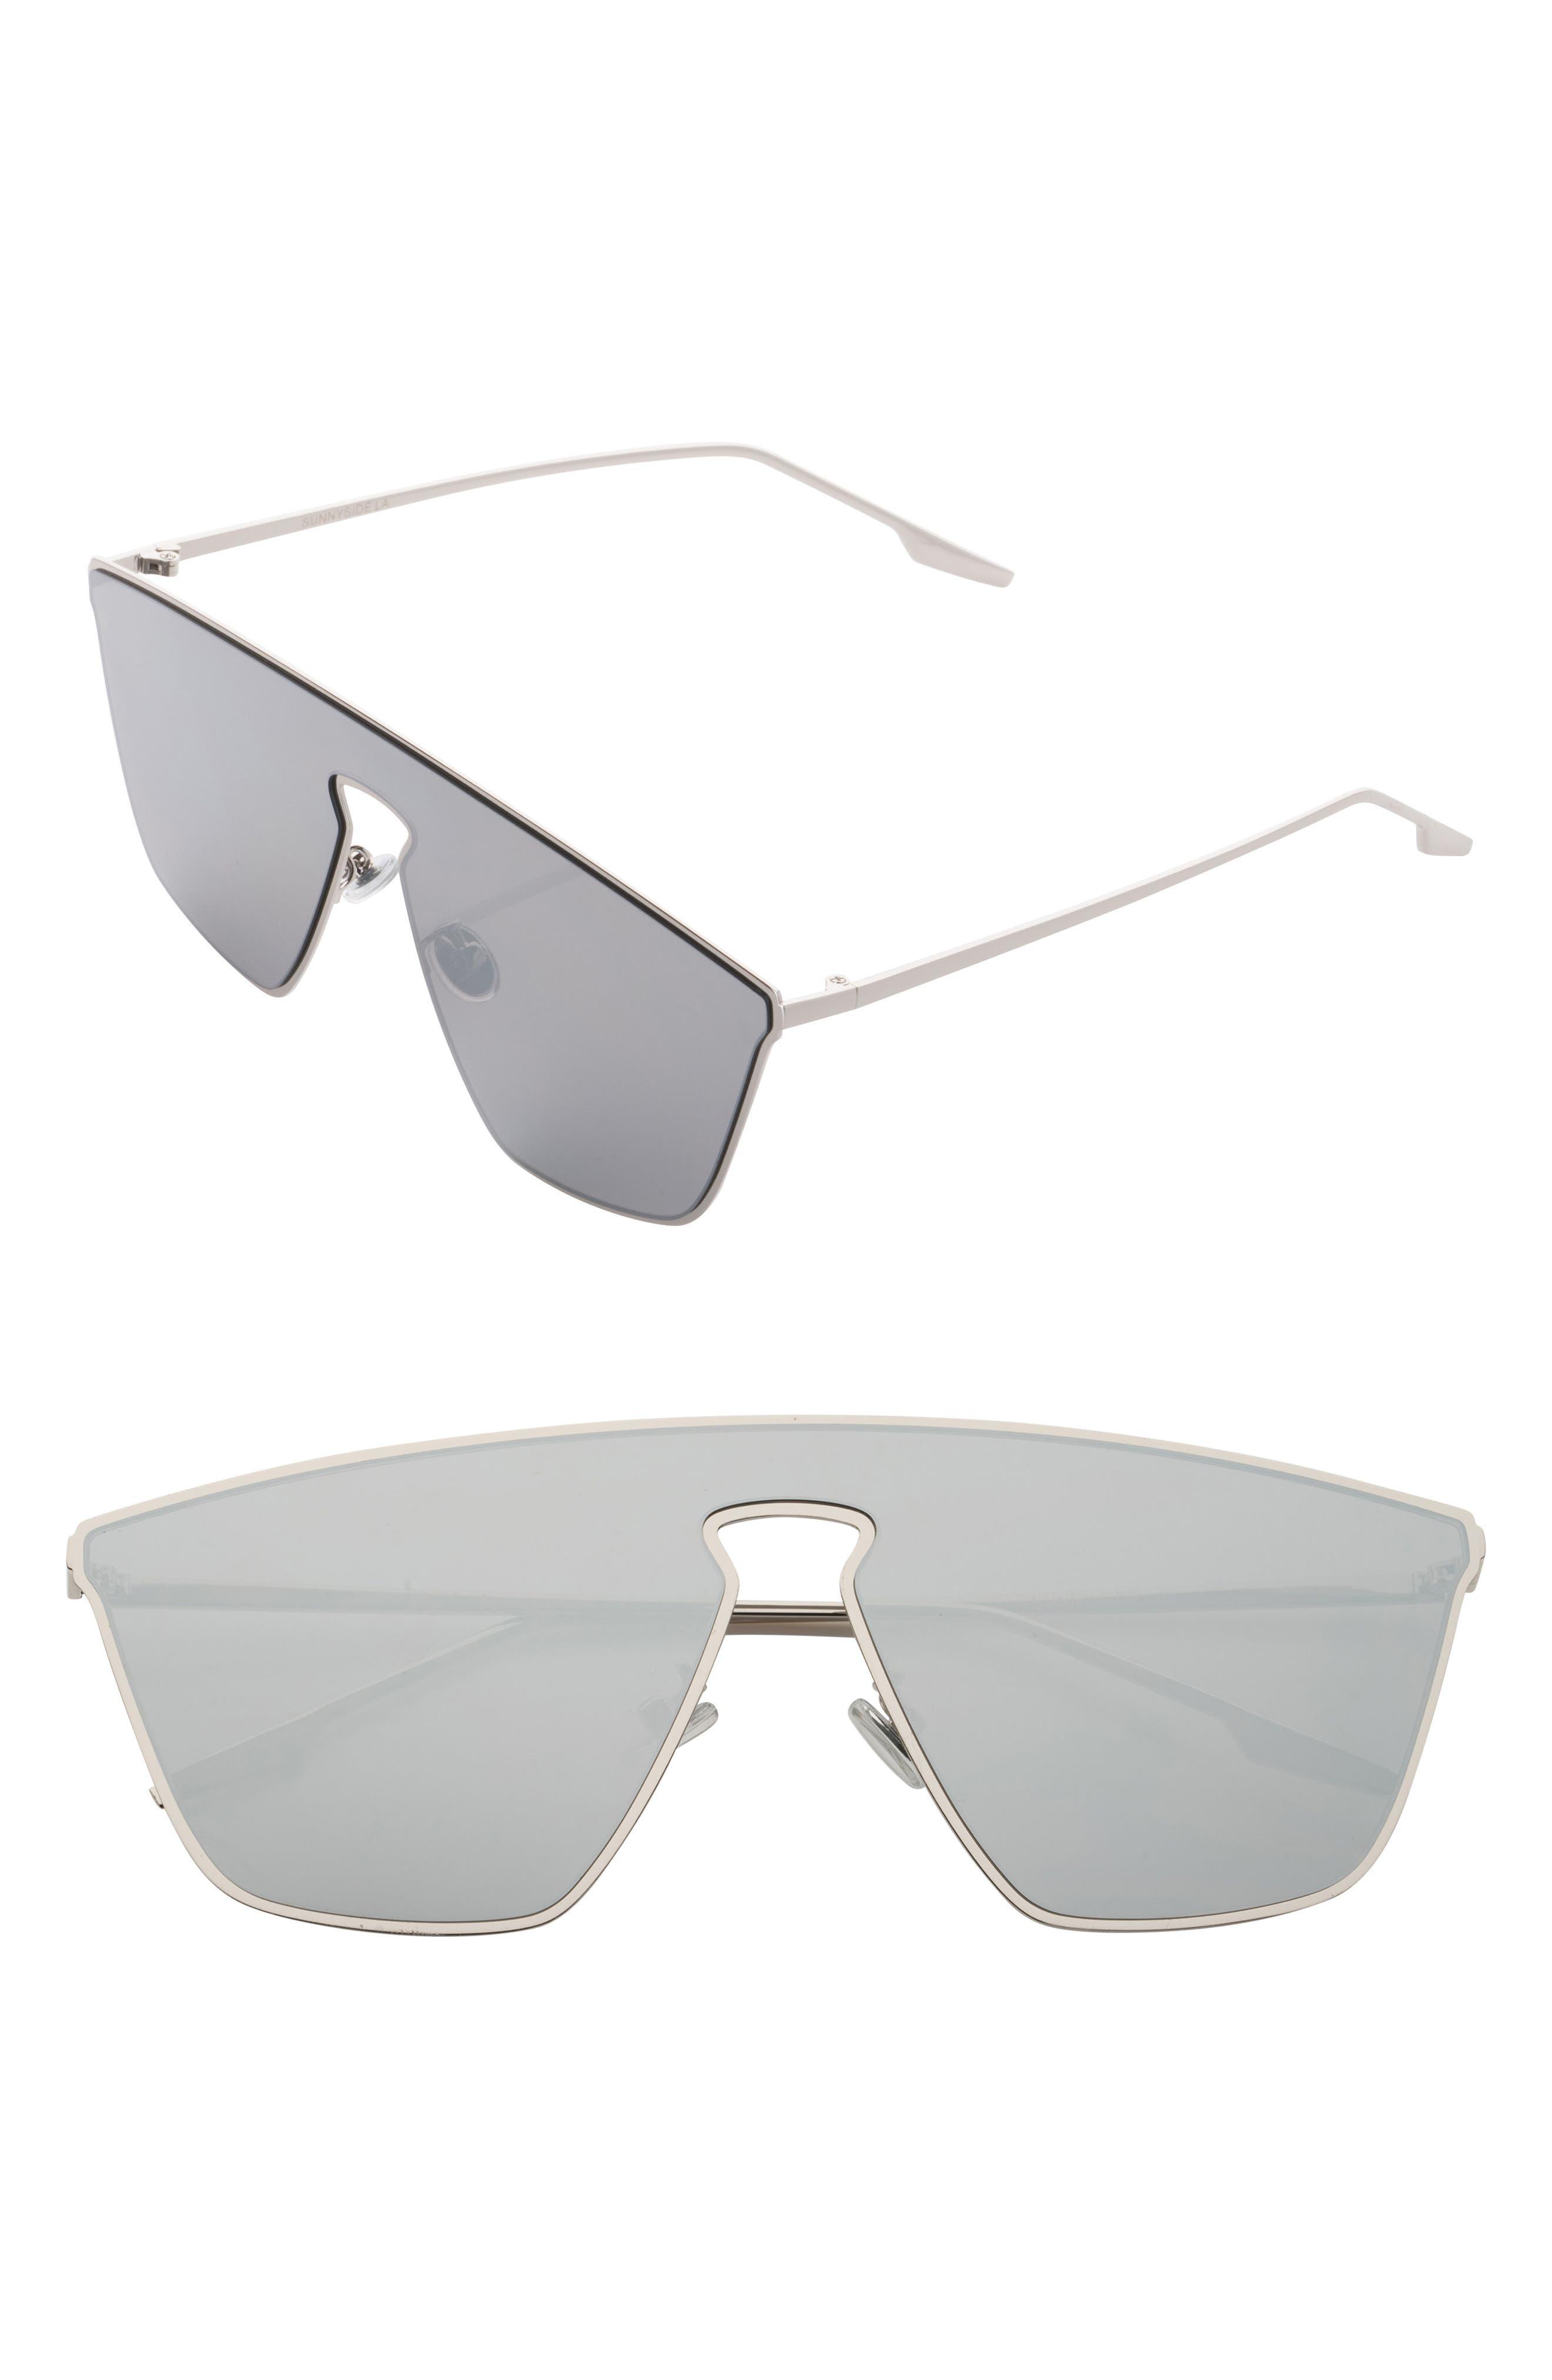 65mm Shield Sunglasses,                         Main,                         color, Silver